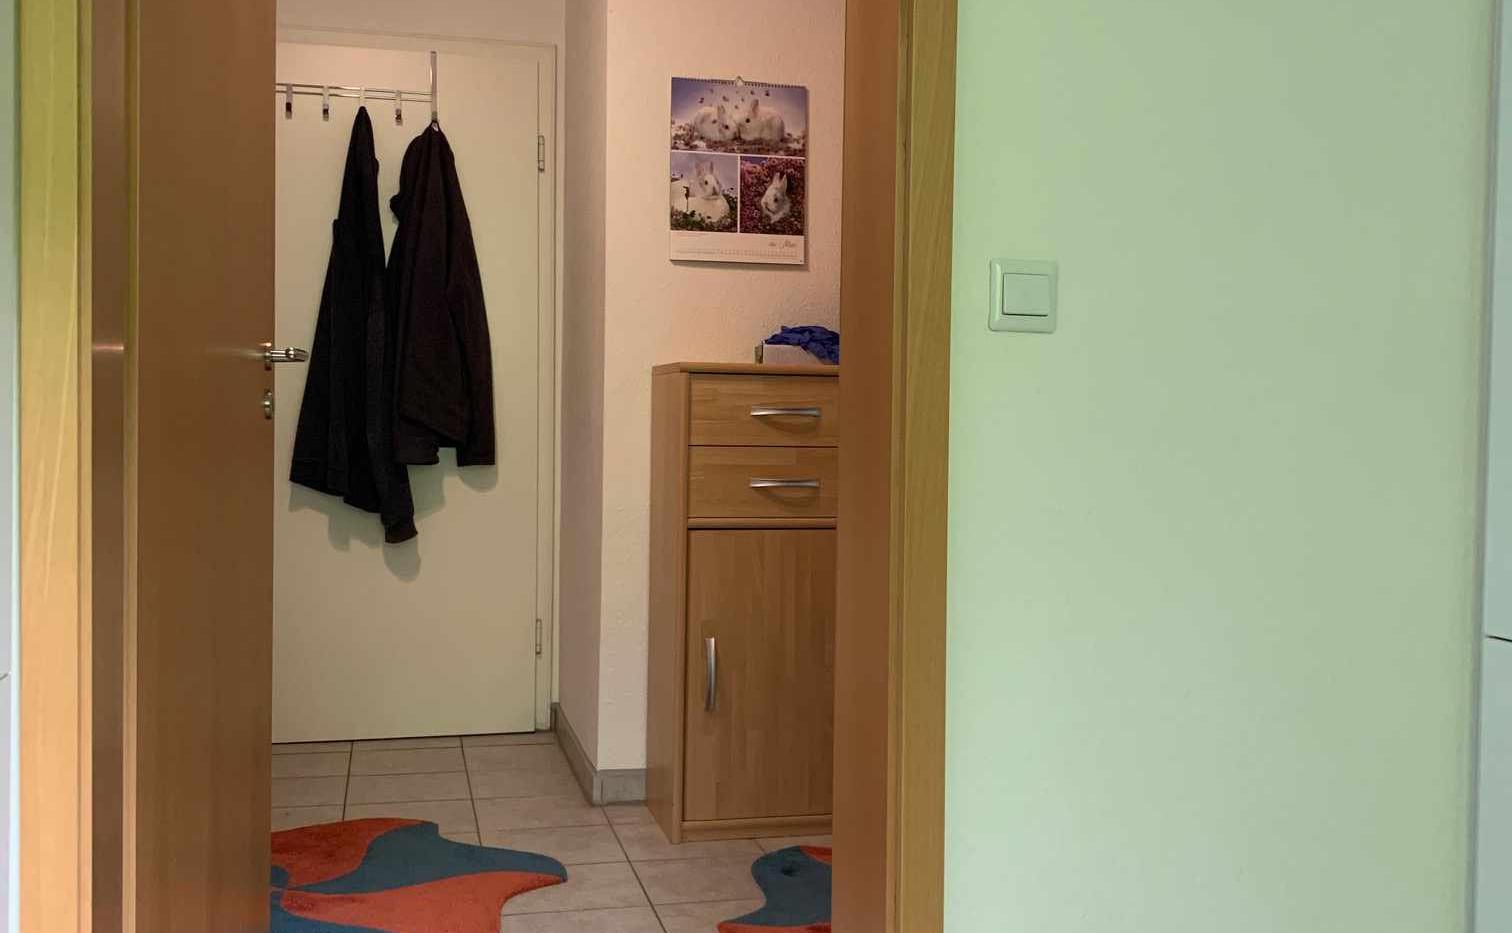 Wohnweisend_Immobilien_Blick_Kueche_Flur